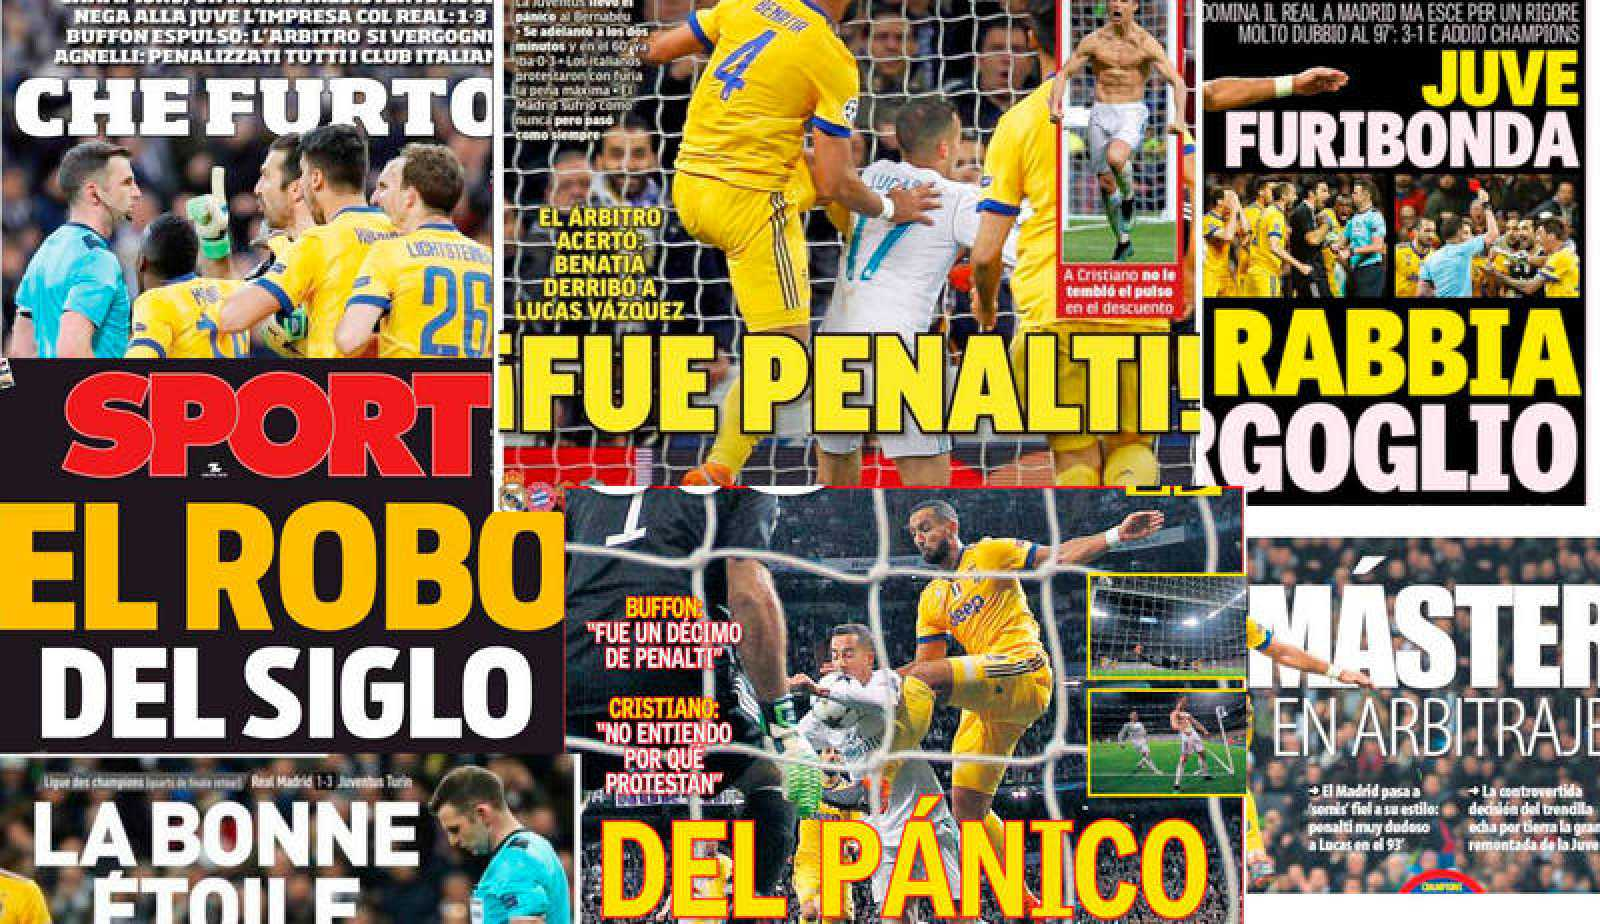 La prensa destaca el 'penalti dudoso' que dio el pase al Madrid